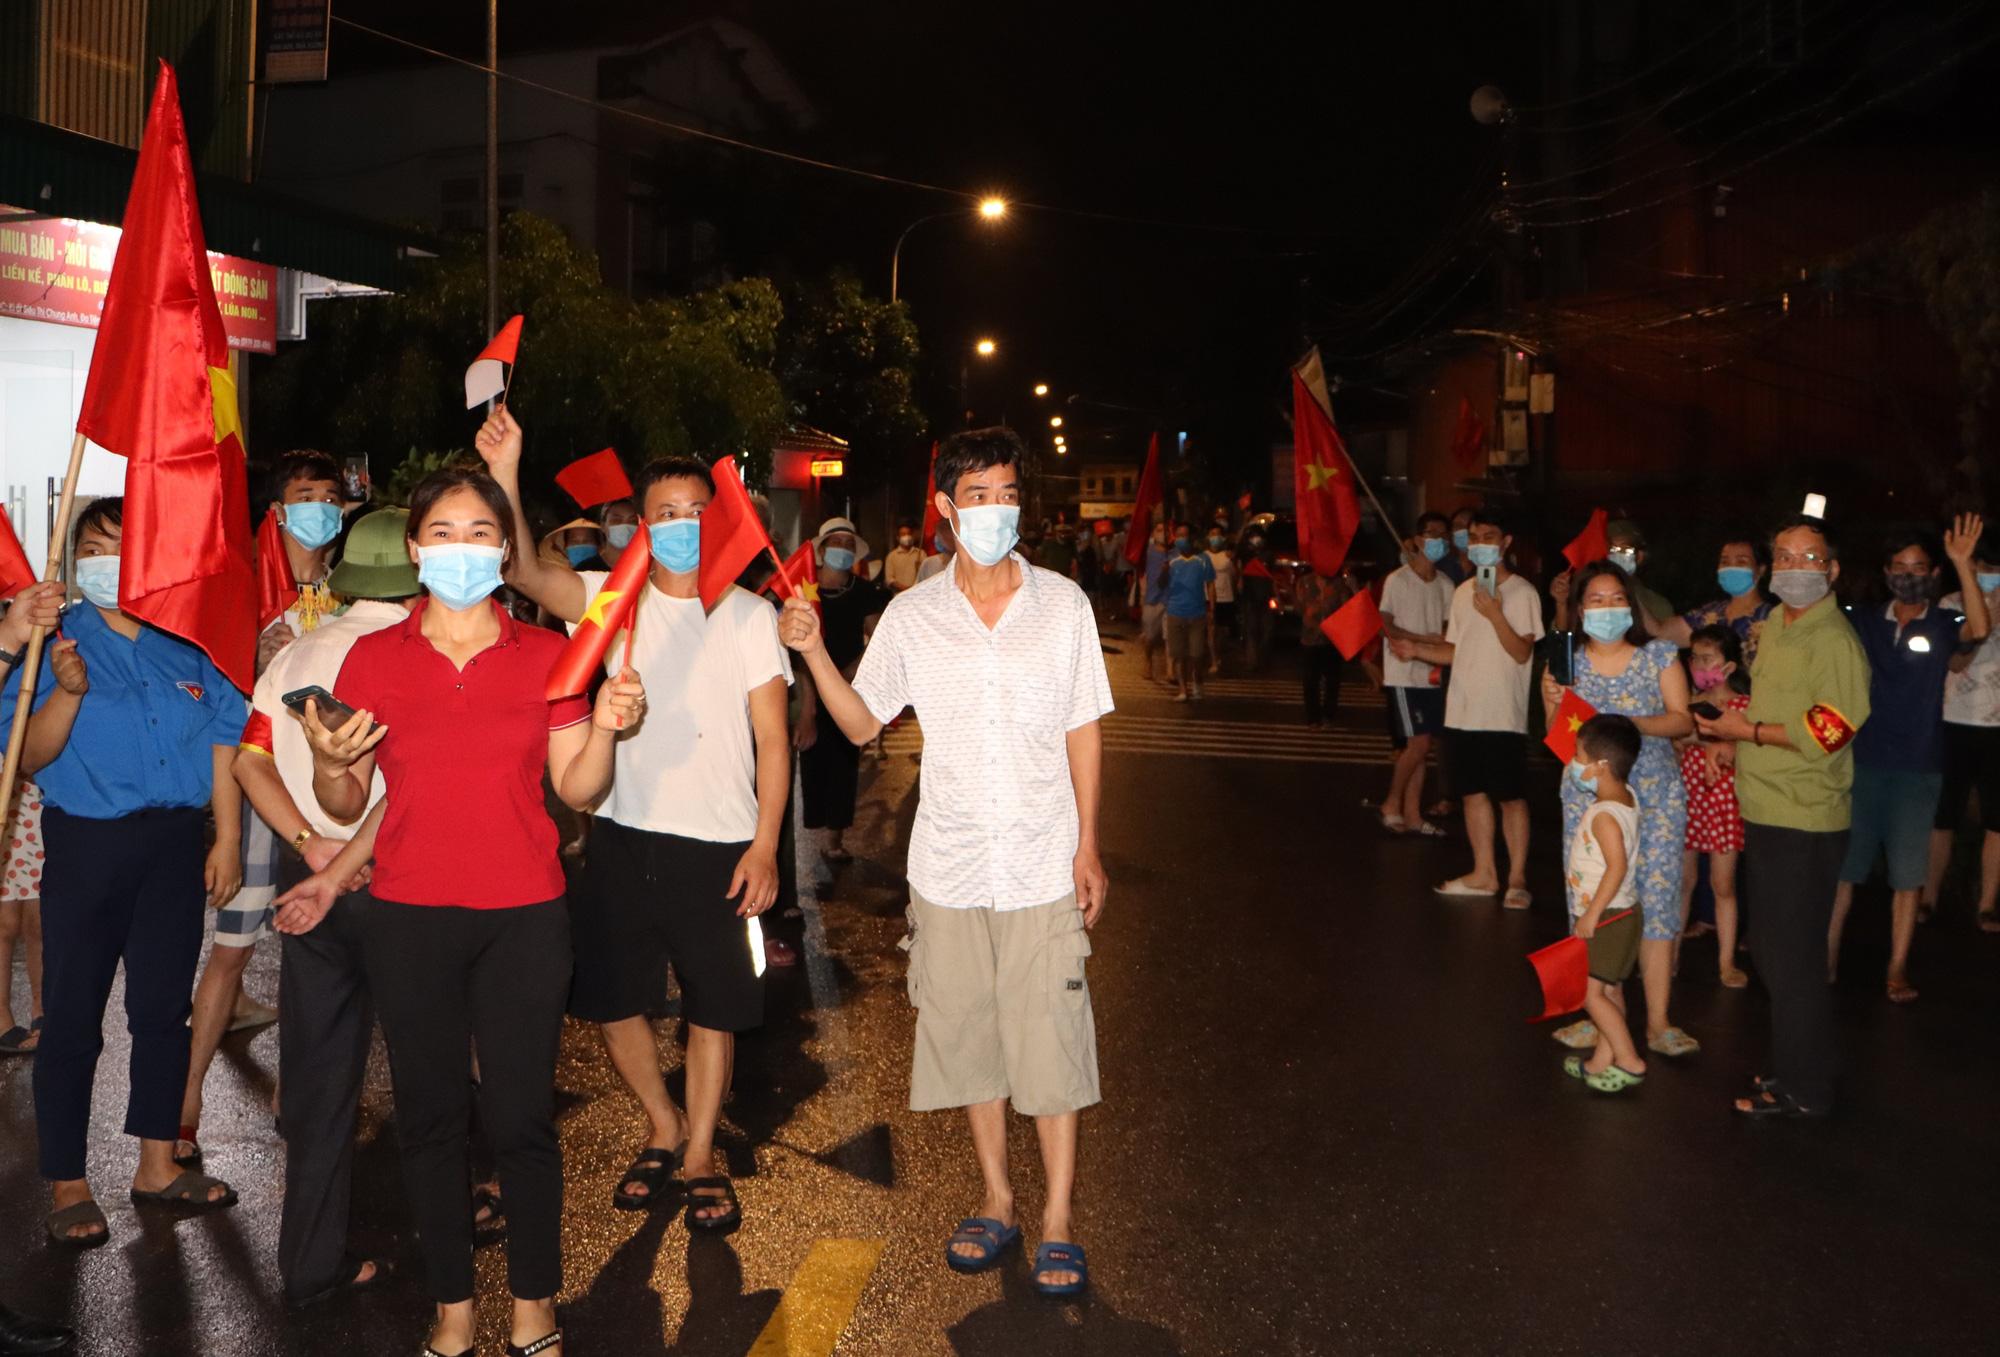 Bắc Ninh: Nới lỏng biện pháp giãn cách xã hội tại Thuận Thành, Yên Phong, Tiên Du và Lương Tài - Ảnh 2.